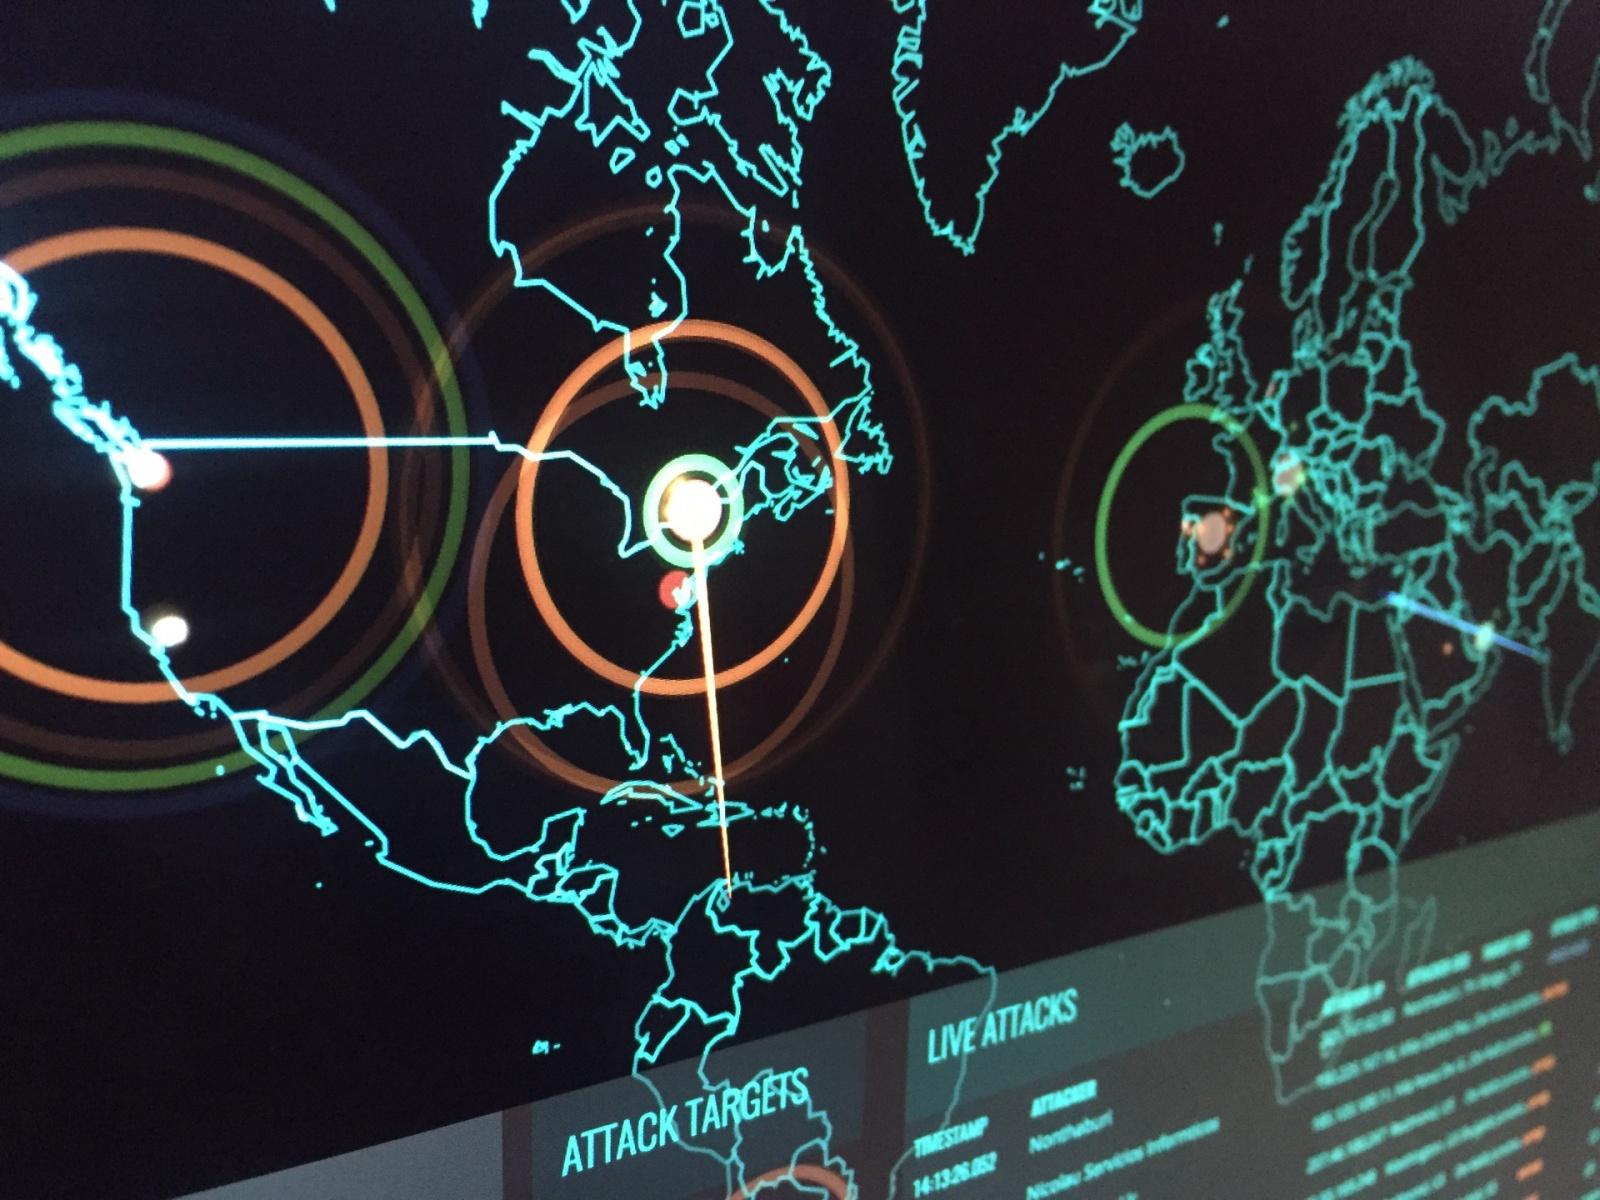 Как хакеры атакуют веб-приложения: боты и простые уязвимости - 1